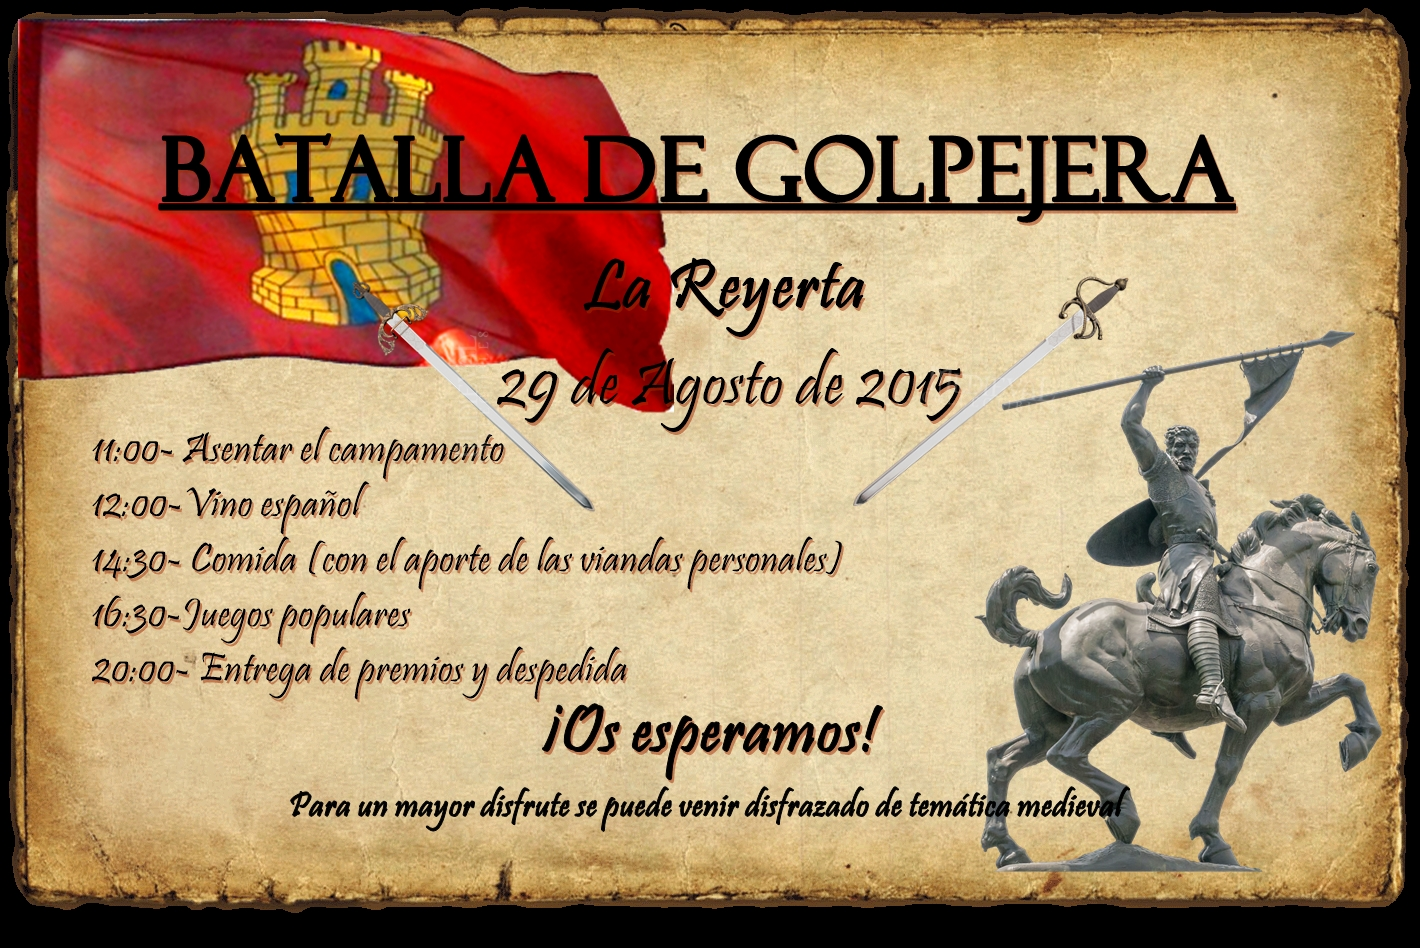 Sábado 29 de agosto, Fiesta de la Reyerta